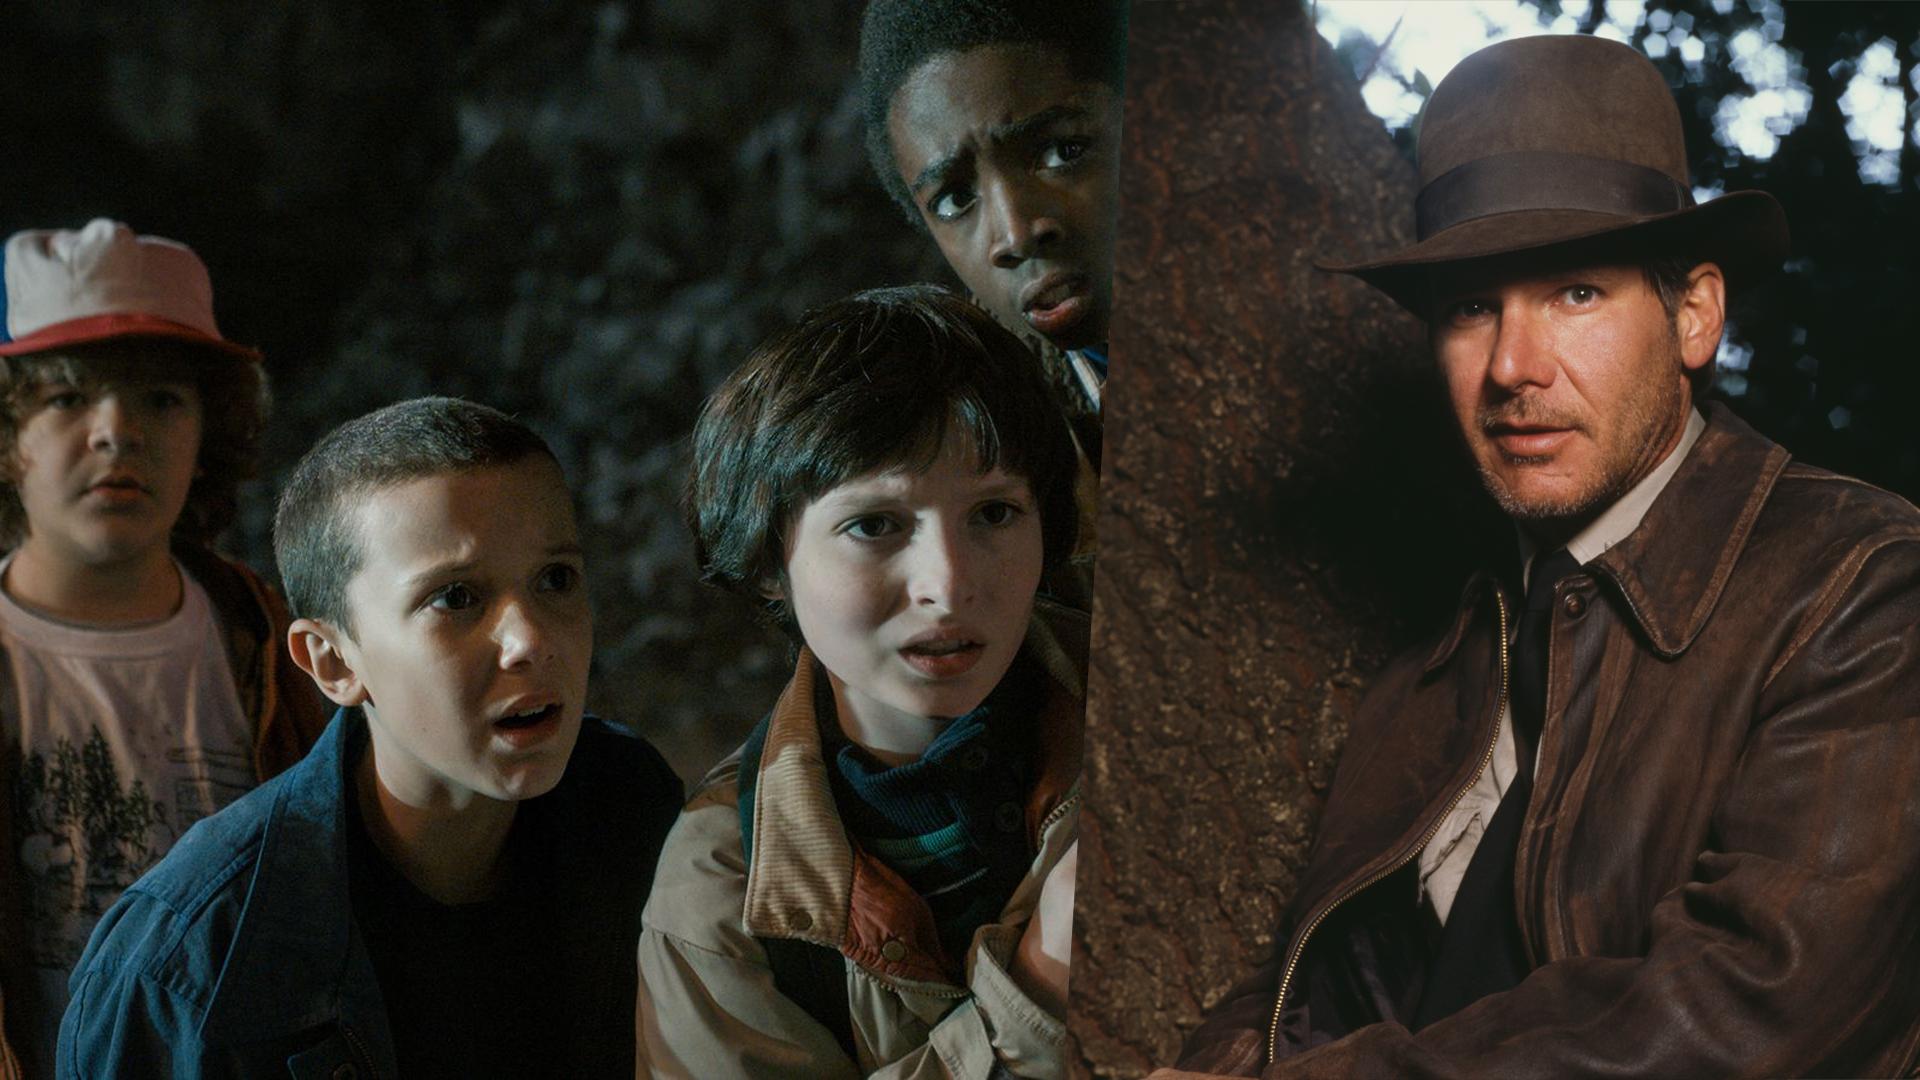 Dustin Henderson (Gaten Matarazzo), Eleven (Millie Bobby Brown), Mike Wheeler (Finn Wolfhard), Lucas Sinclair (Caleb McLaughl